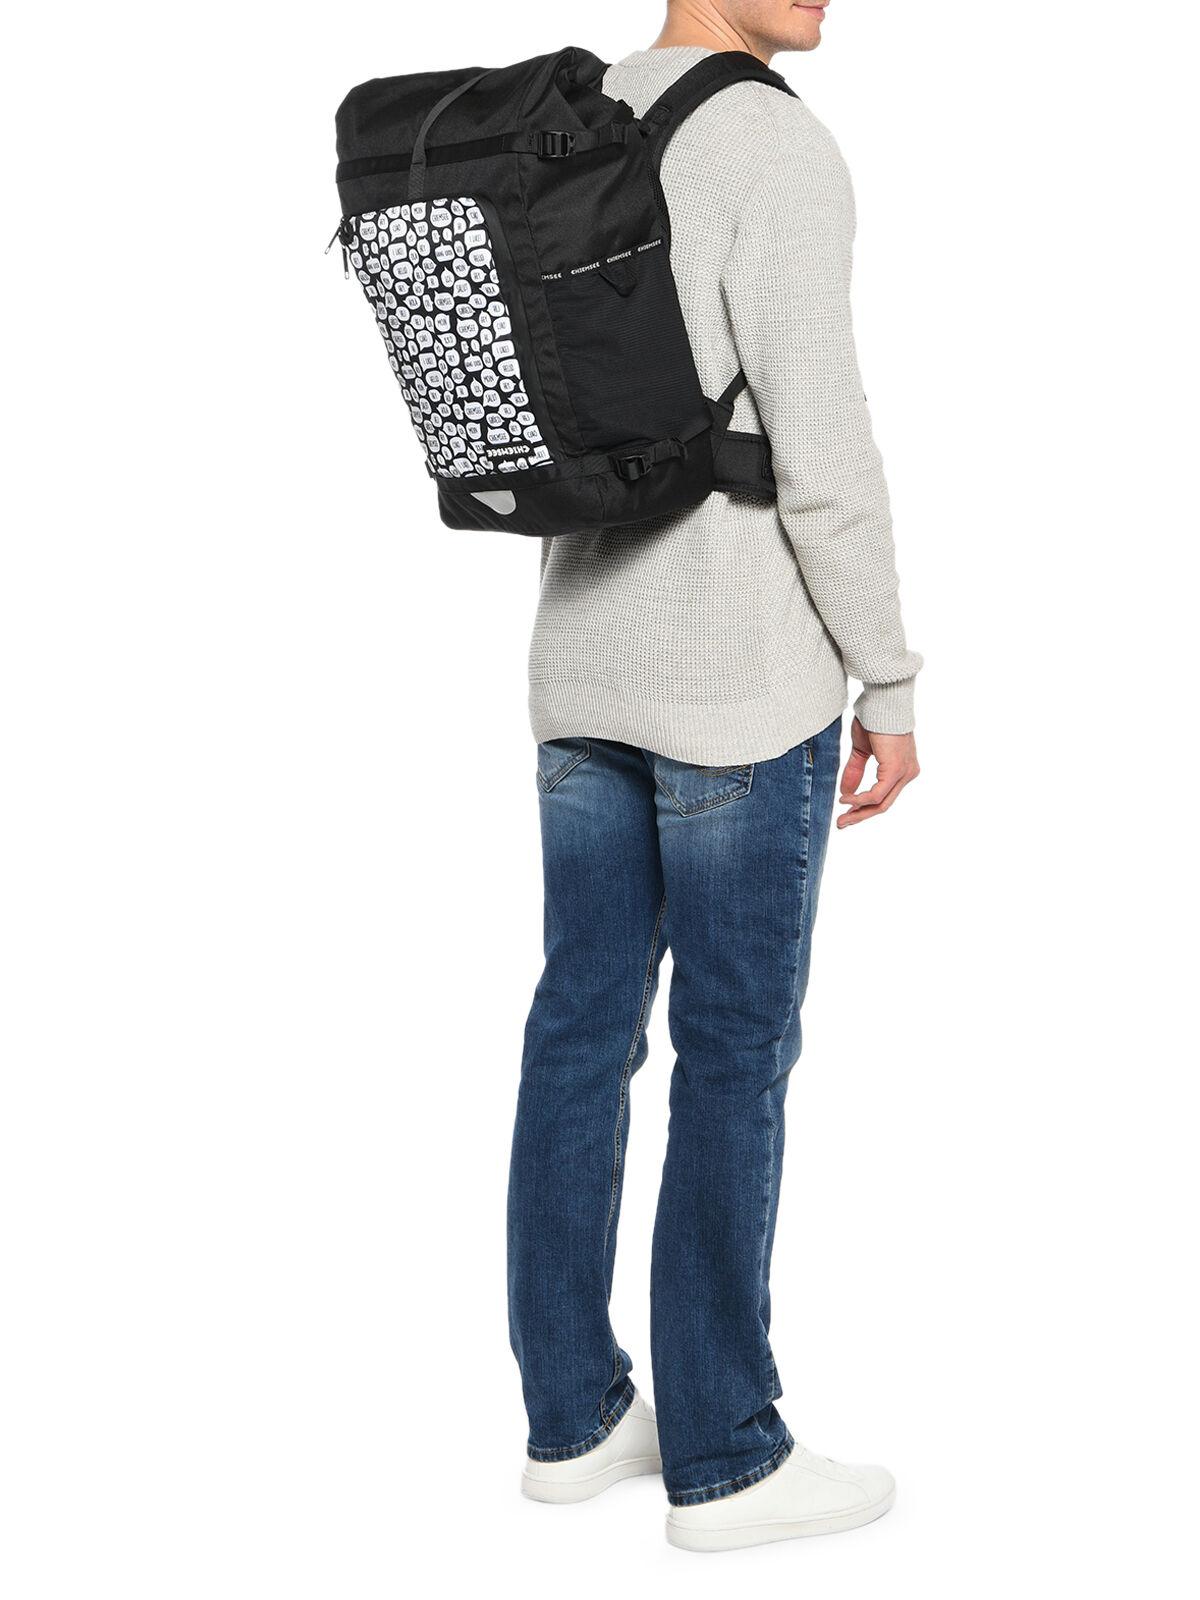 Backpack